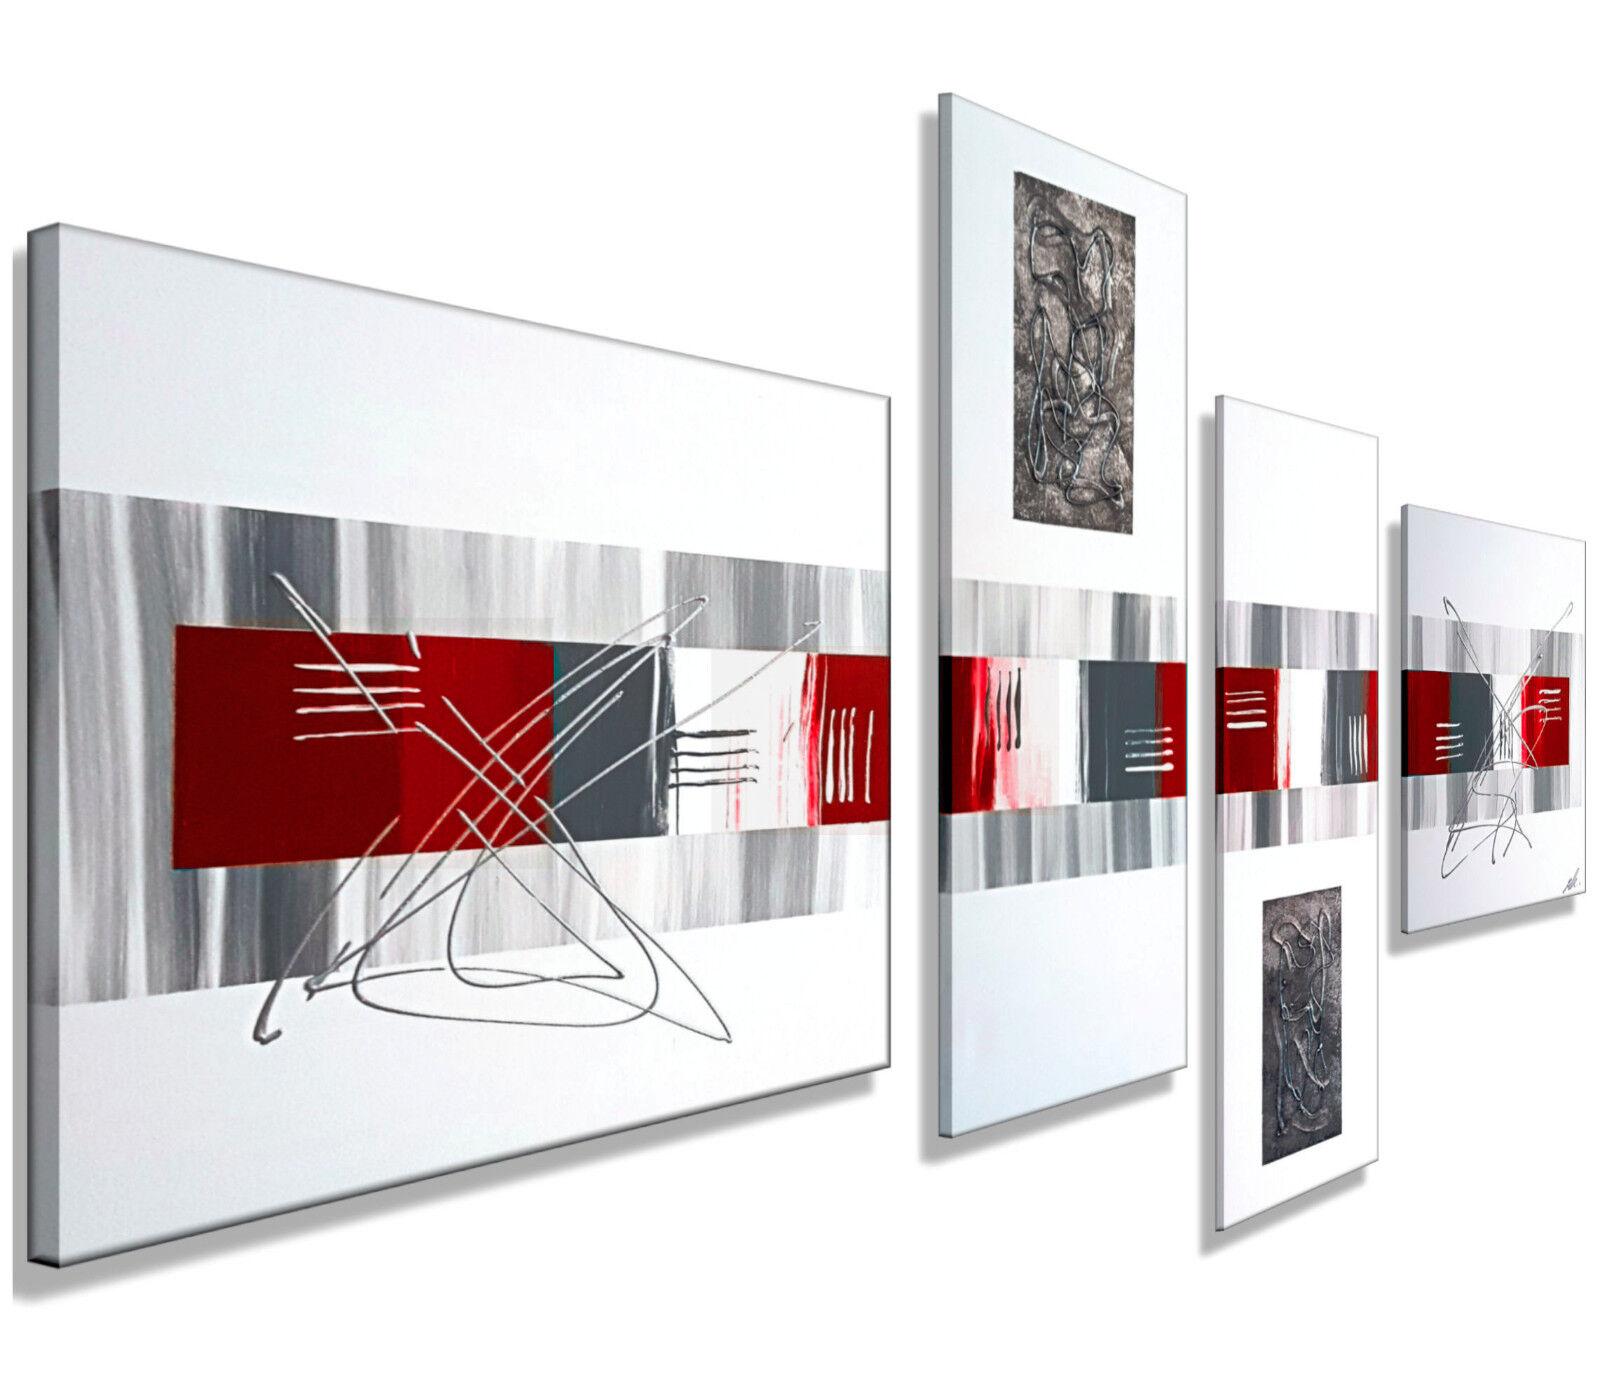 Mk1 peinture Art Image Toile abstrait tableau art peinture Mk1 modern images Gris Rouge XXL c3ba2b